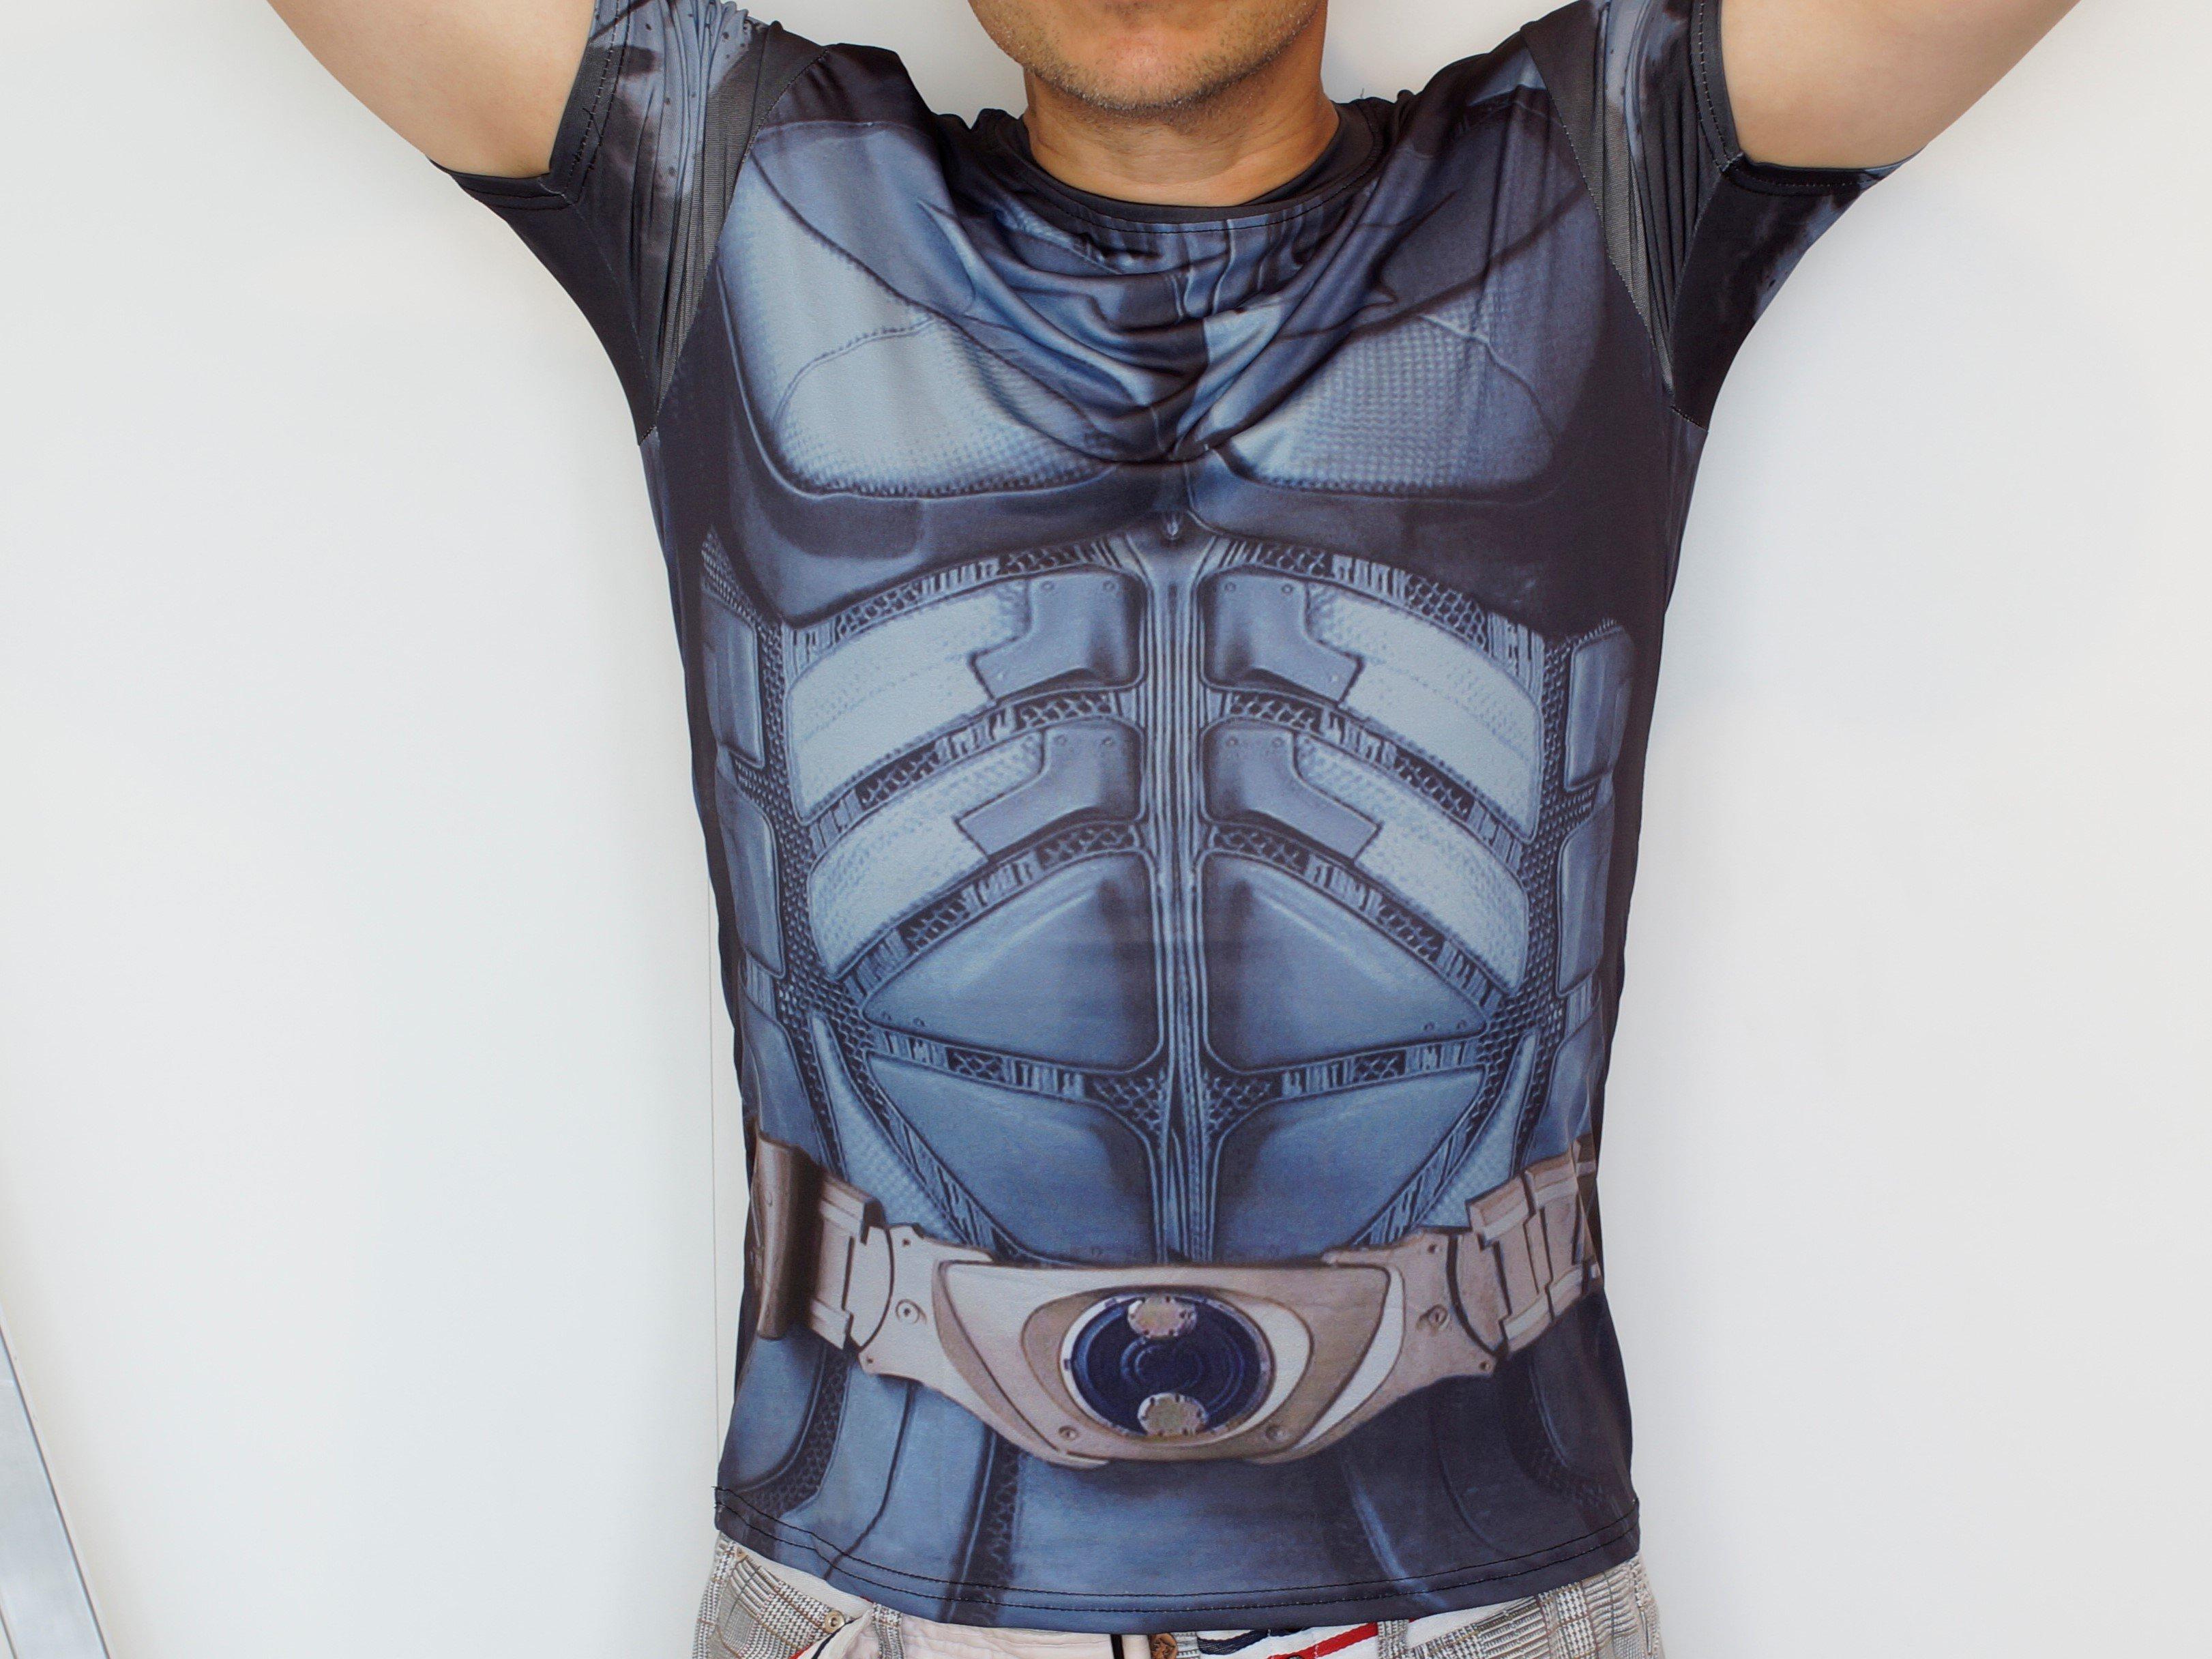 Бэтмен. Майка Batman от магазина TUNSECHY - цена